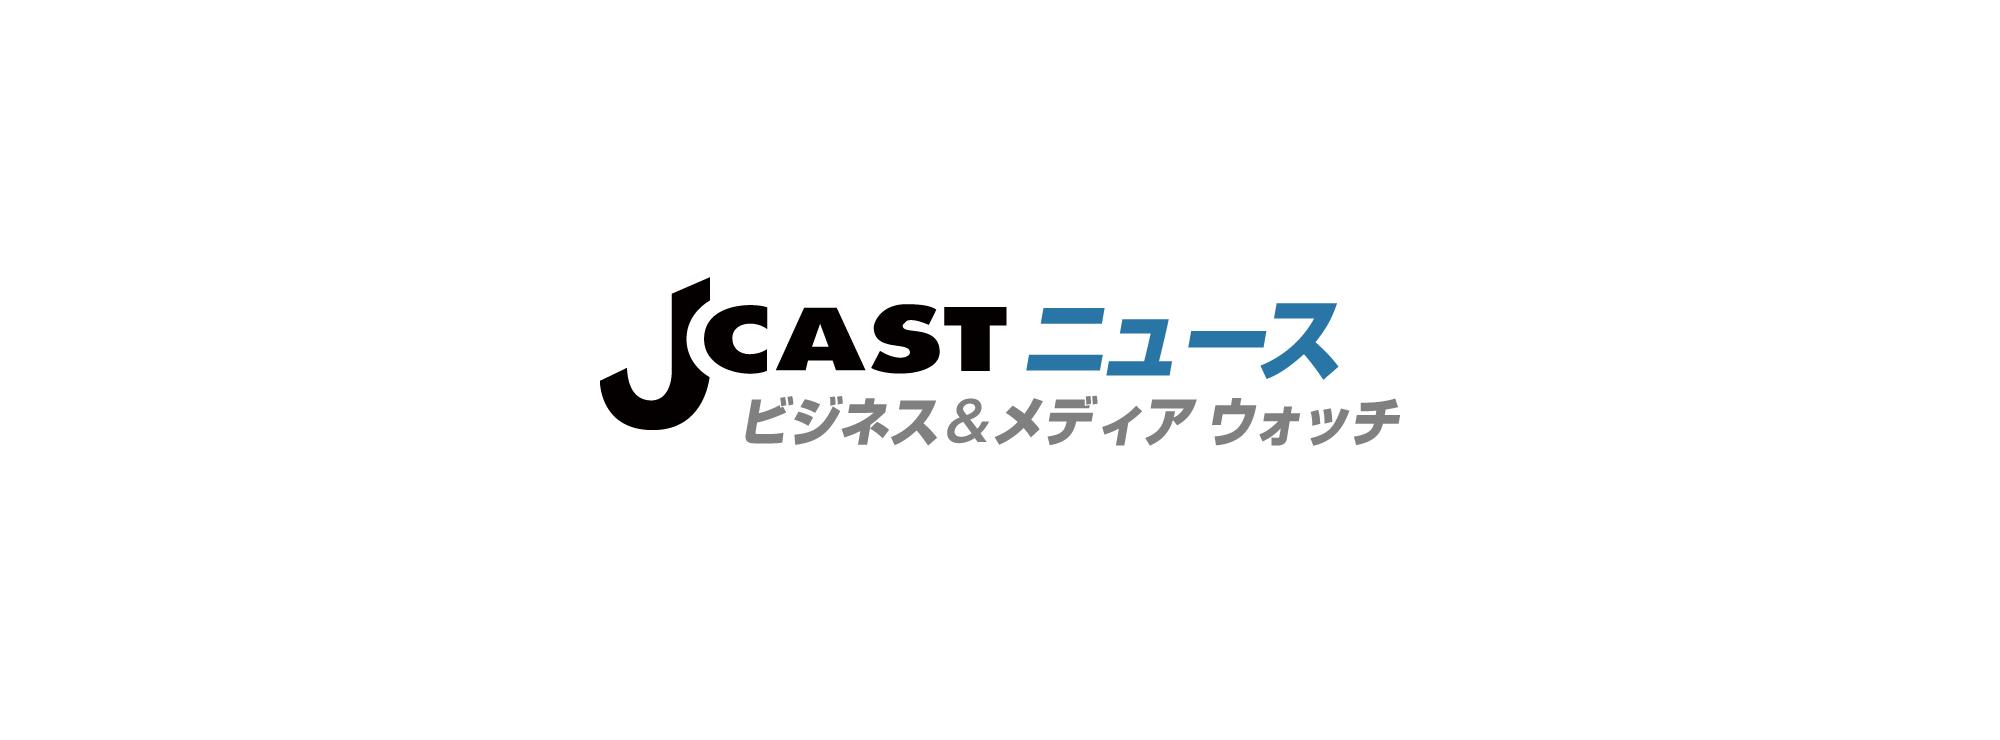 渡辺謙の長男、渡辺大が海外映画祭で主演男優賞を受賞 妹の杏も祝福 : J-CASTテレビウォッチ